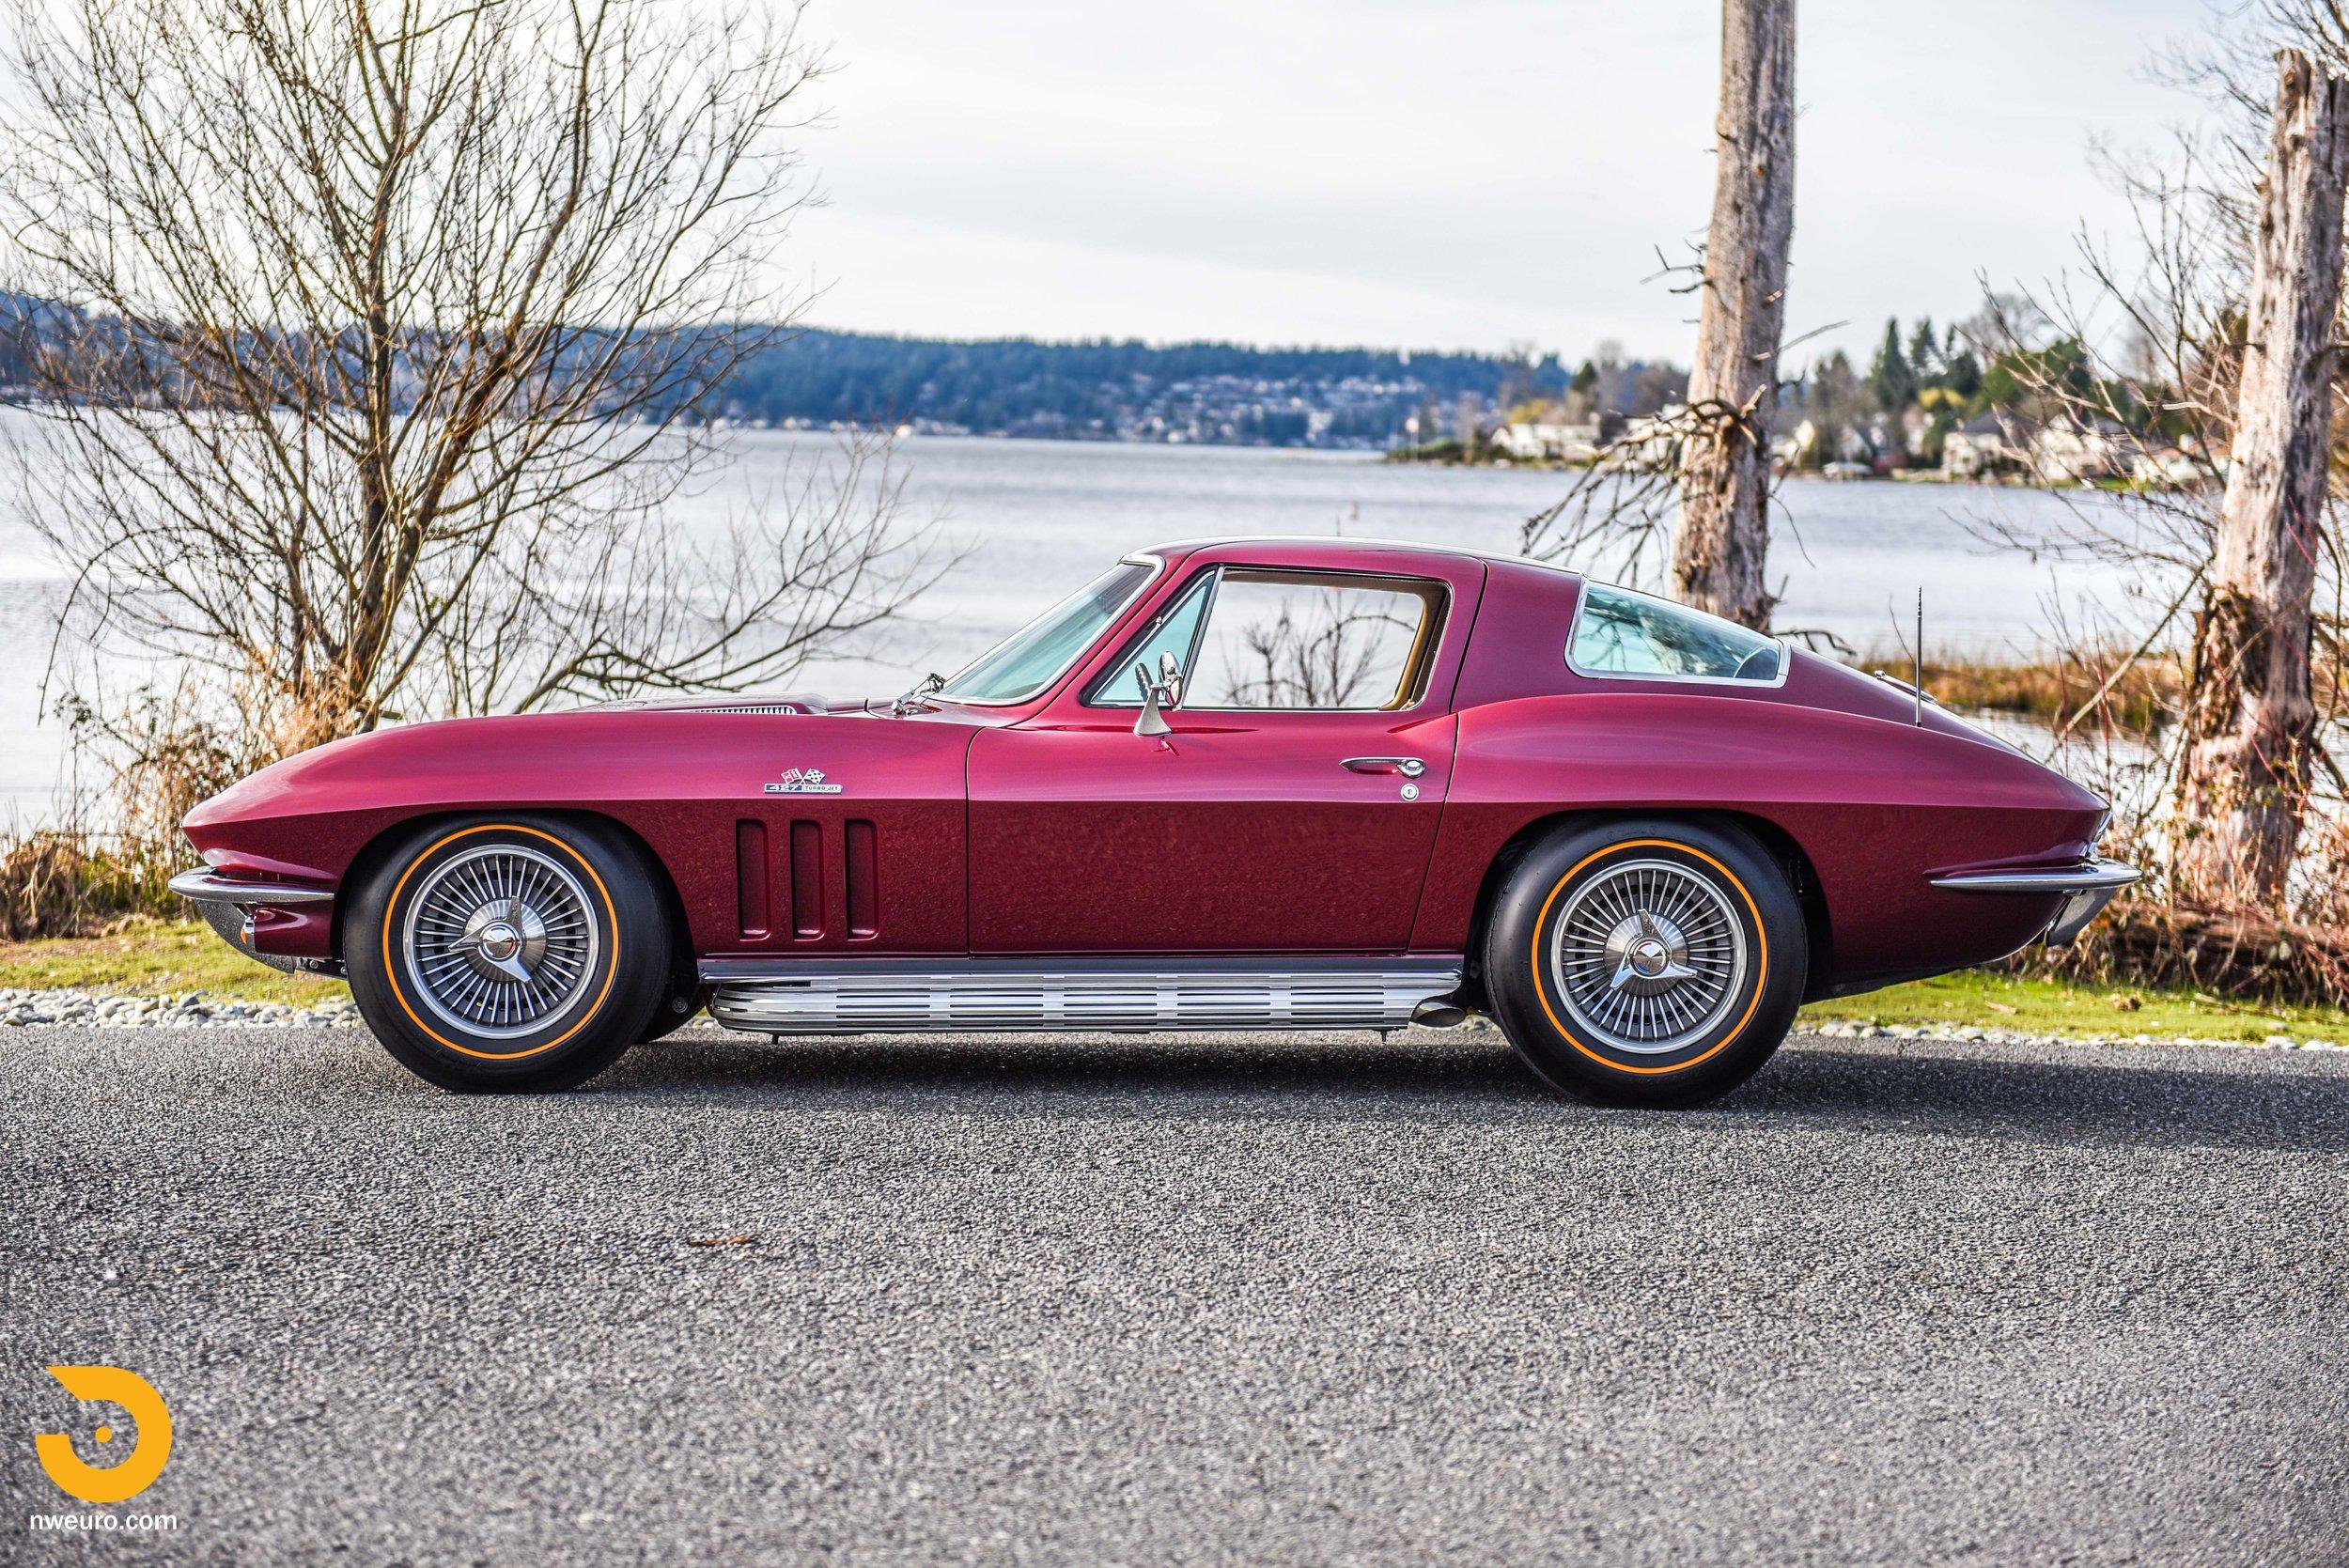 1966 Chevrolet Corvette 427 Coupe-31.jpg